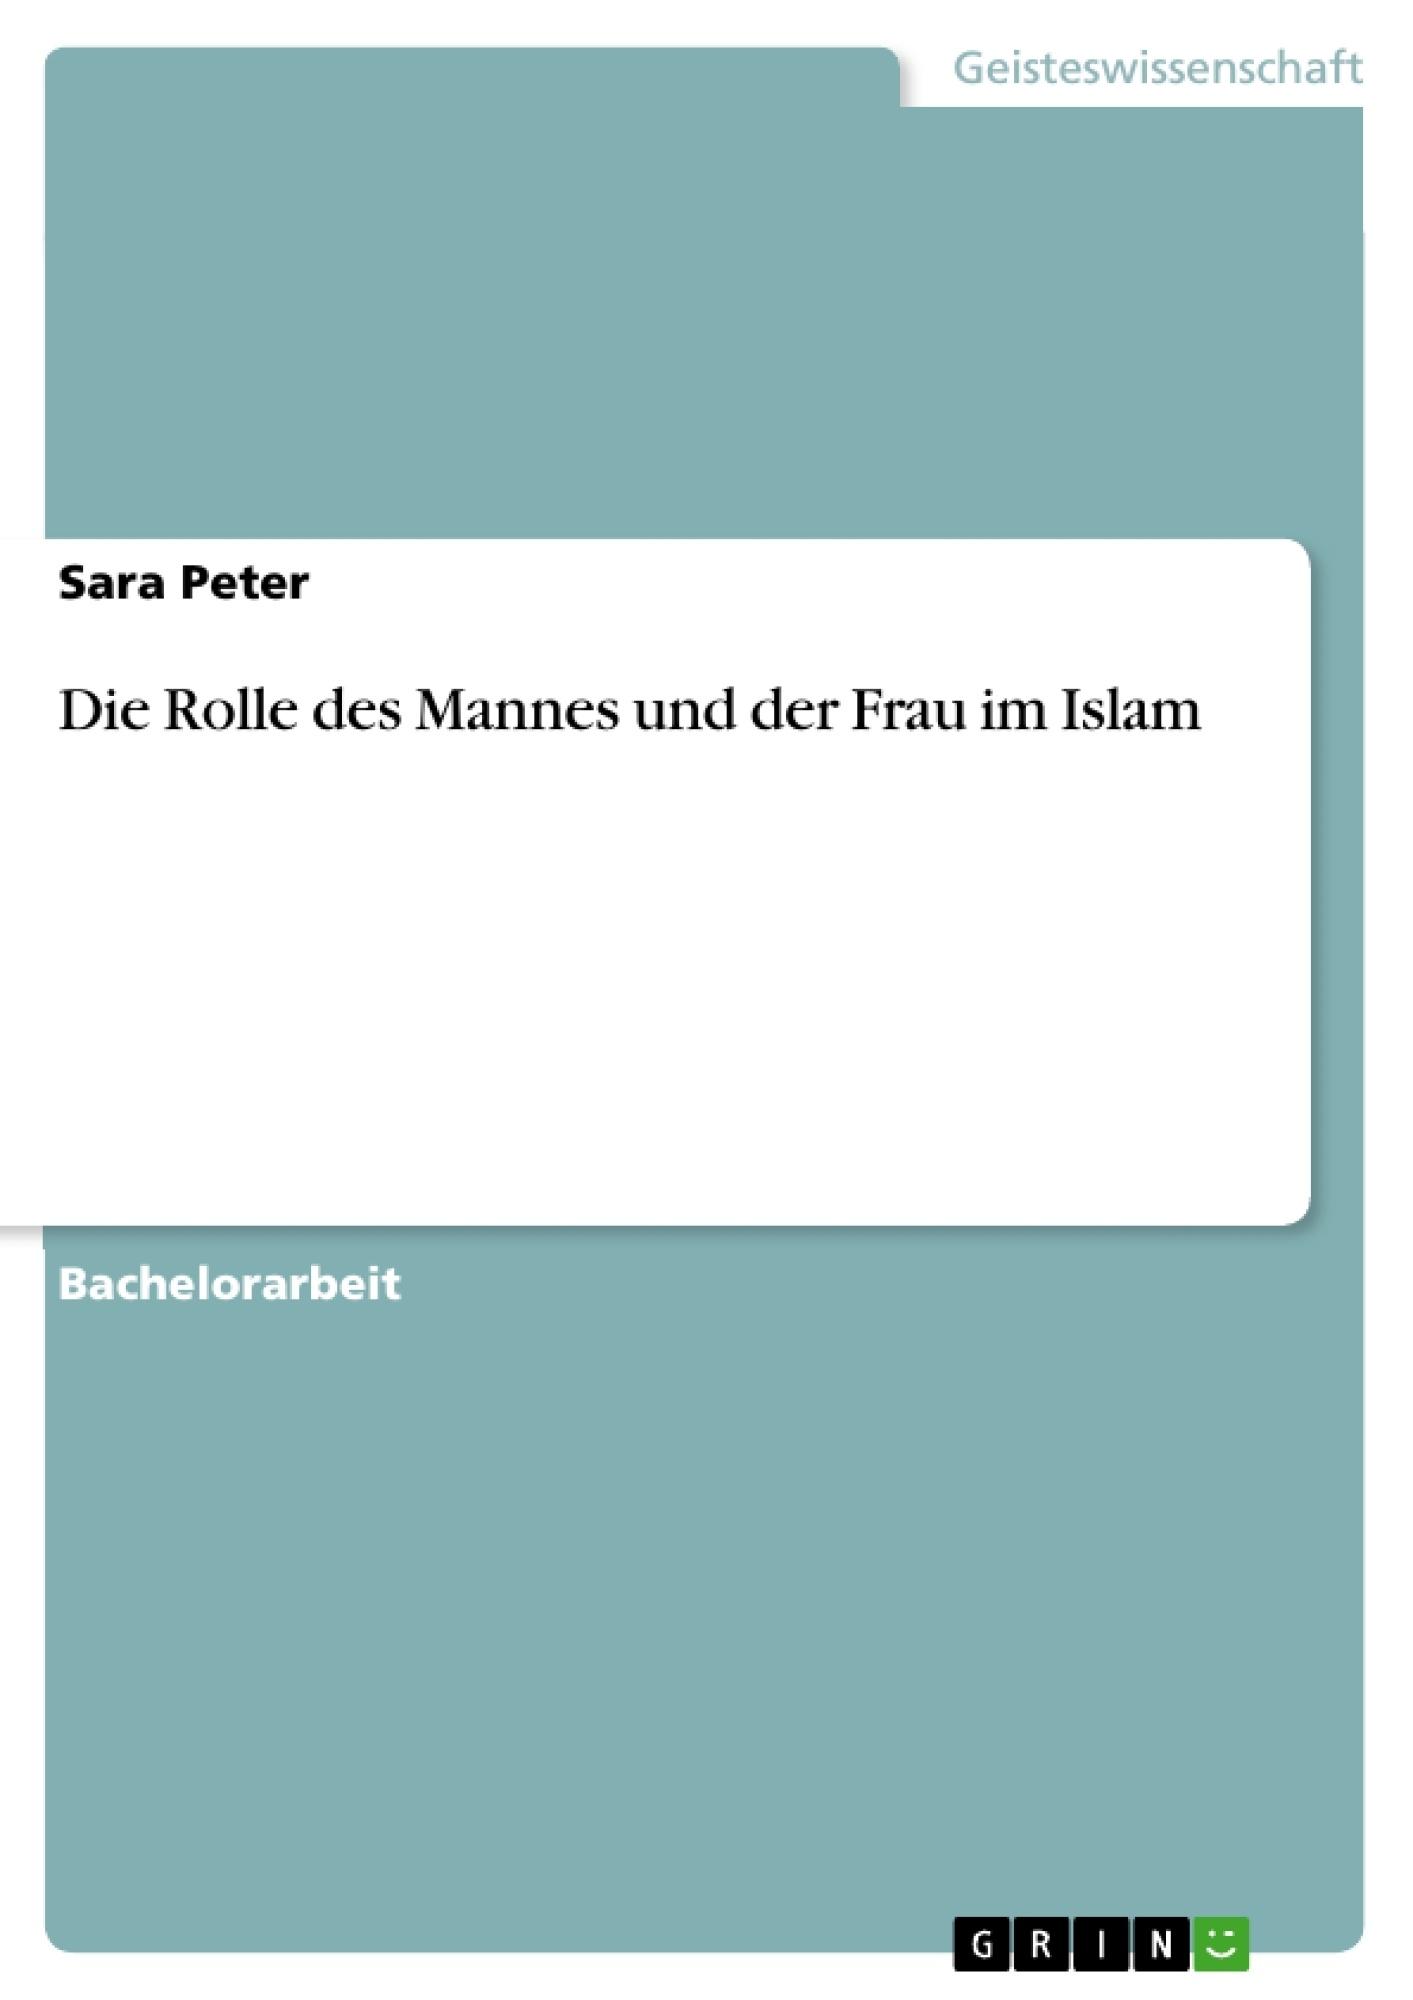 Titel: Die Rolle des Mannes und der Frau im Islam